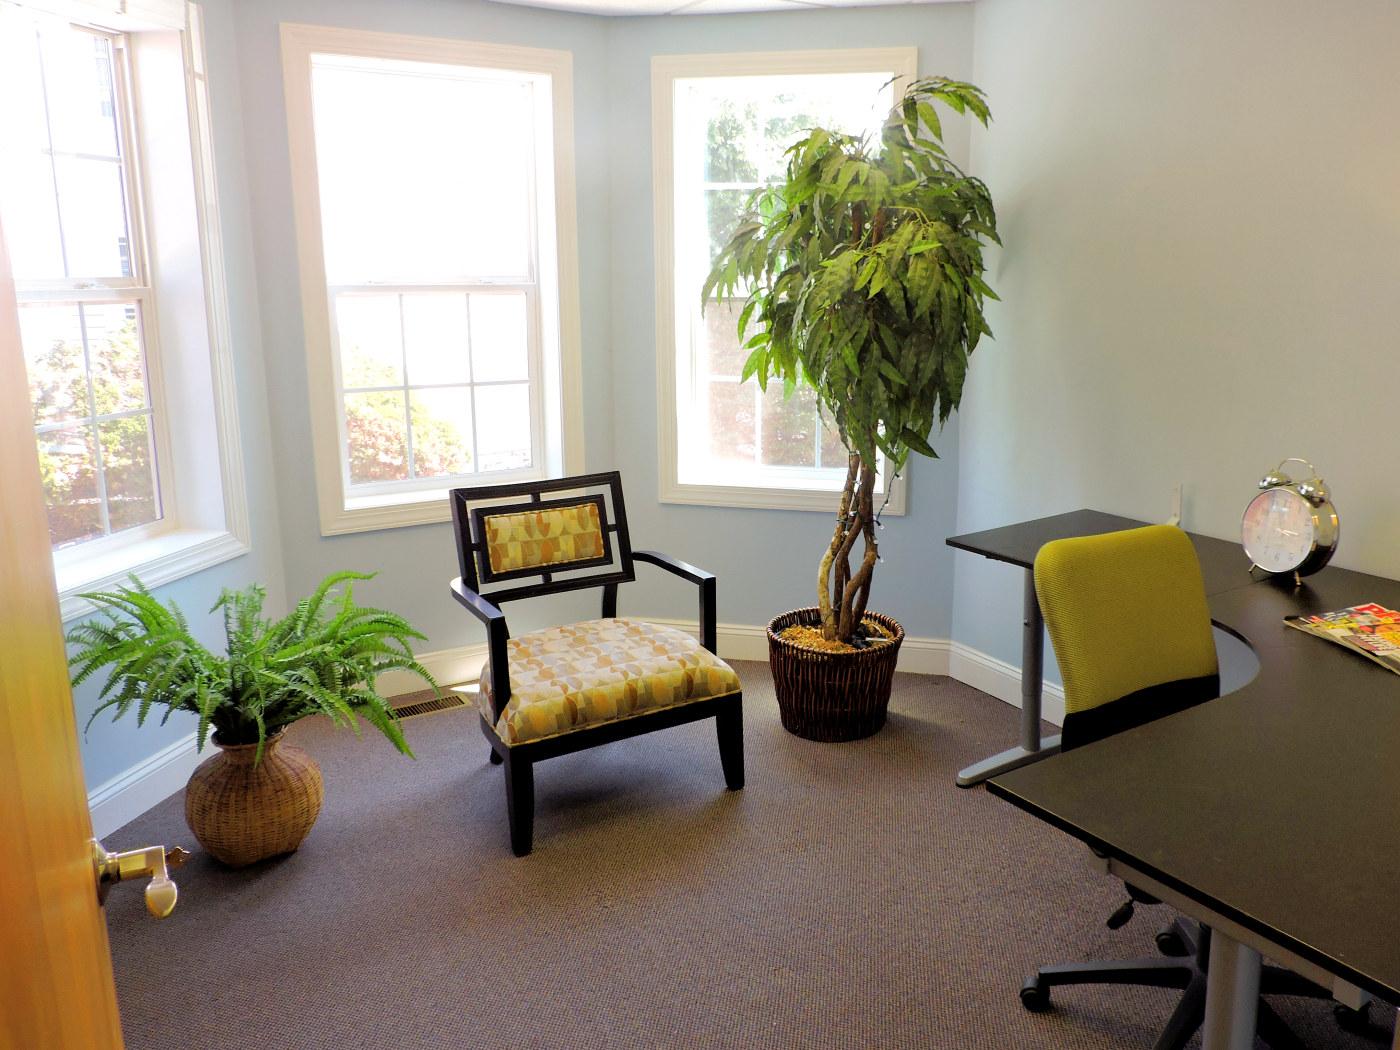 Suite104-Entrance-DSCN1570